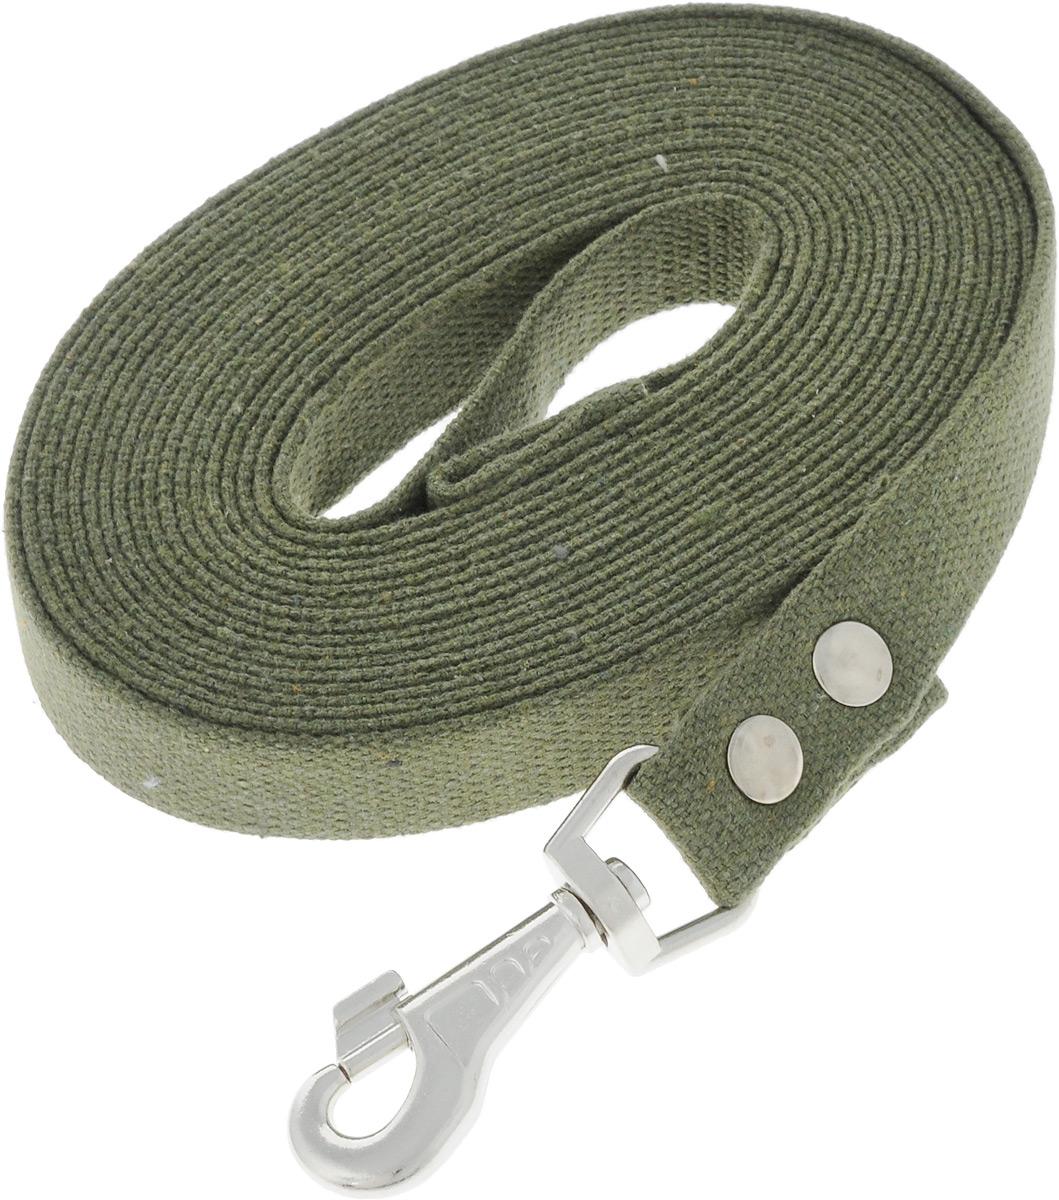 Поводок брезентовый для собак Adel-Dog, ширина 2,5 см, длина 7 м990830Поводок для собак Adel-Dog, изготовленный из высококачественной брезентовой ткани, снабжен металлическим карабином. Изделие отличается не только исключительной надежностью и удобством, но и привлекательным дизайном.Поводок - необходимый аксессуар для собаки. Ведь в опасных ситуациях именно он способен спасти жизнь вашему любимому питомцу. Иногда нужно ограничивать свободу своего четвероногого друга, чтобы защитить его или себя от неприятностей на прогулке. Длина поводка: 7 м.Ширина поводка: 2,5 см.